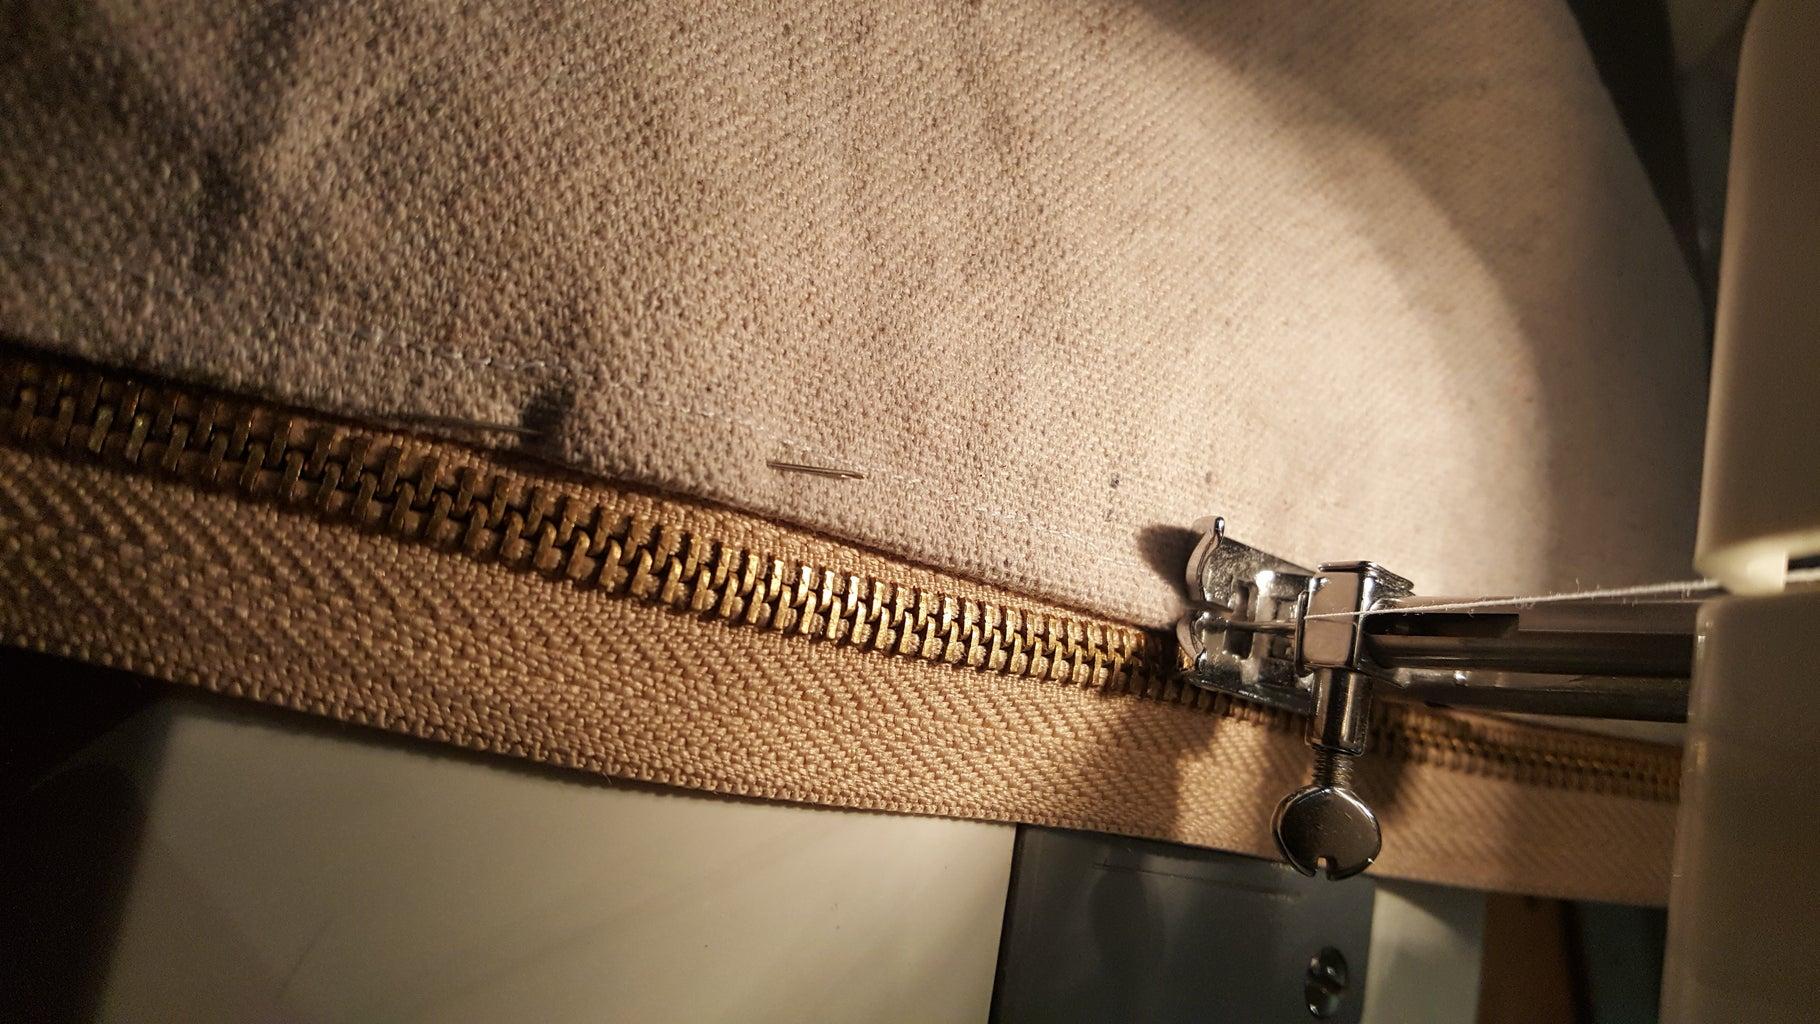 Adding a Zipper